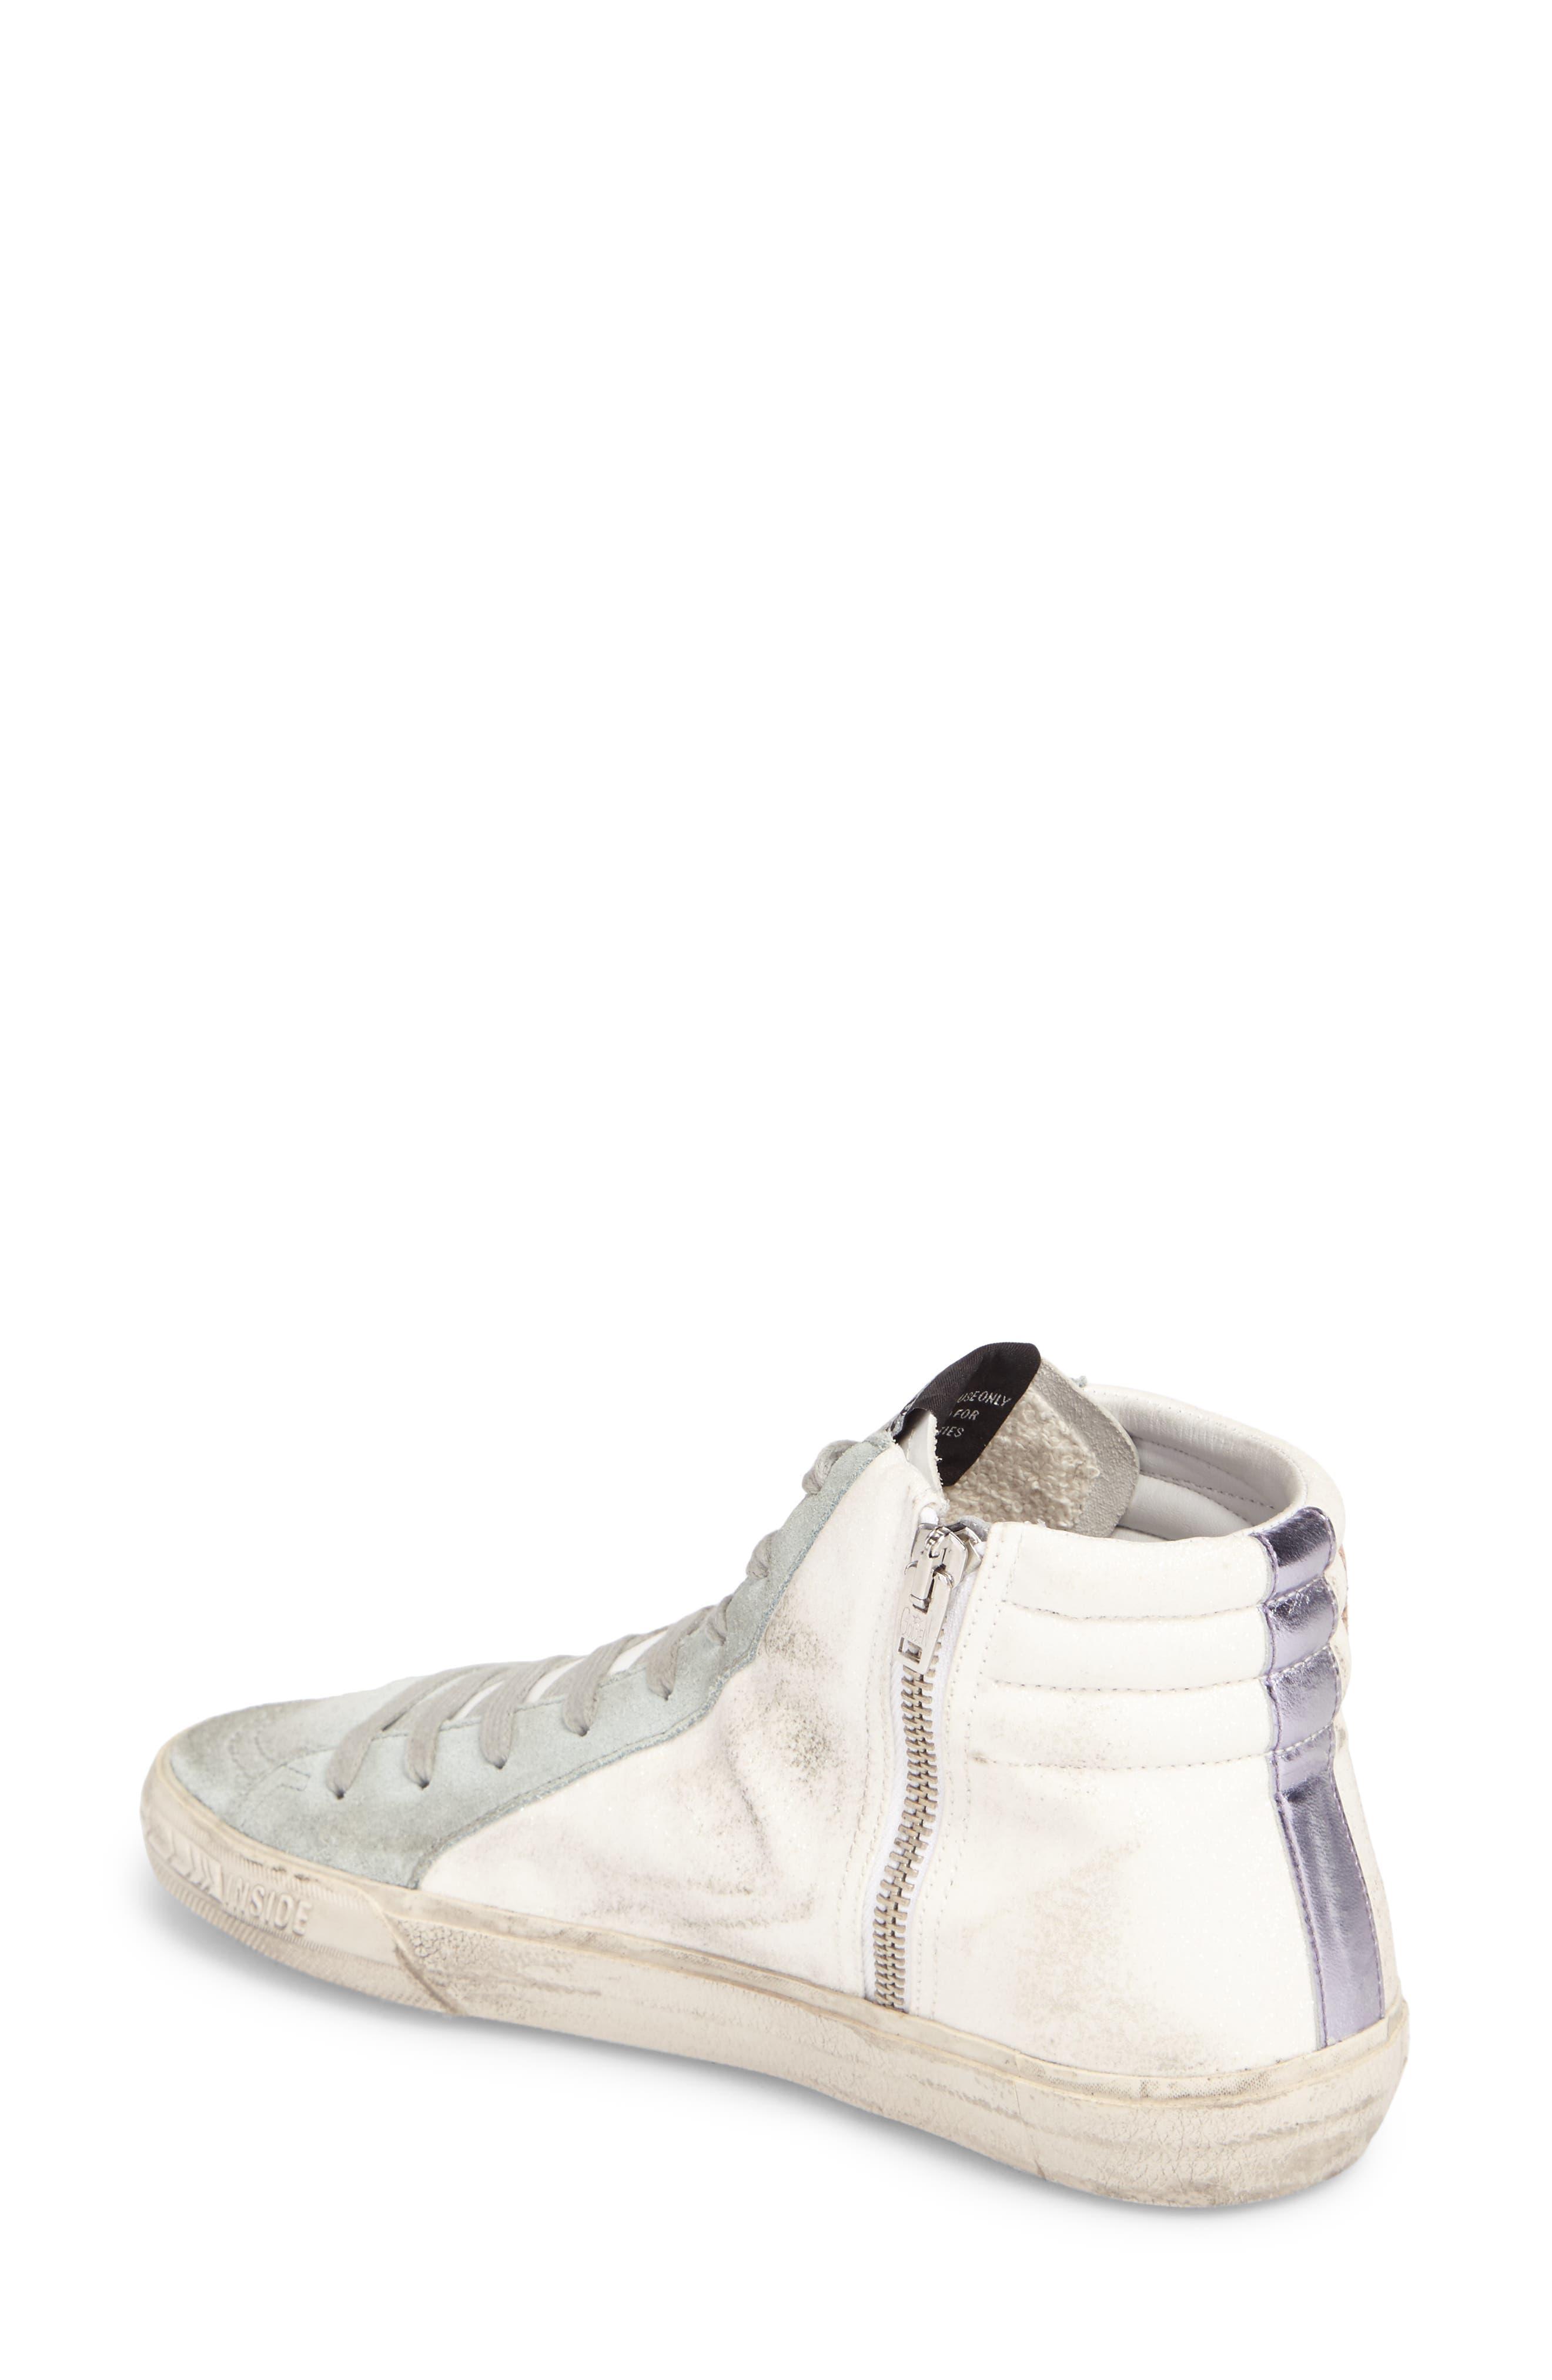 Slide High Top Sneaker,                             Alternate thumbnail 2, color,